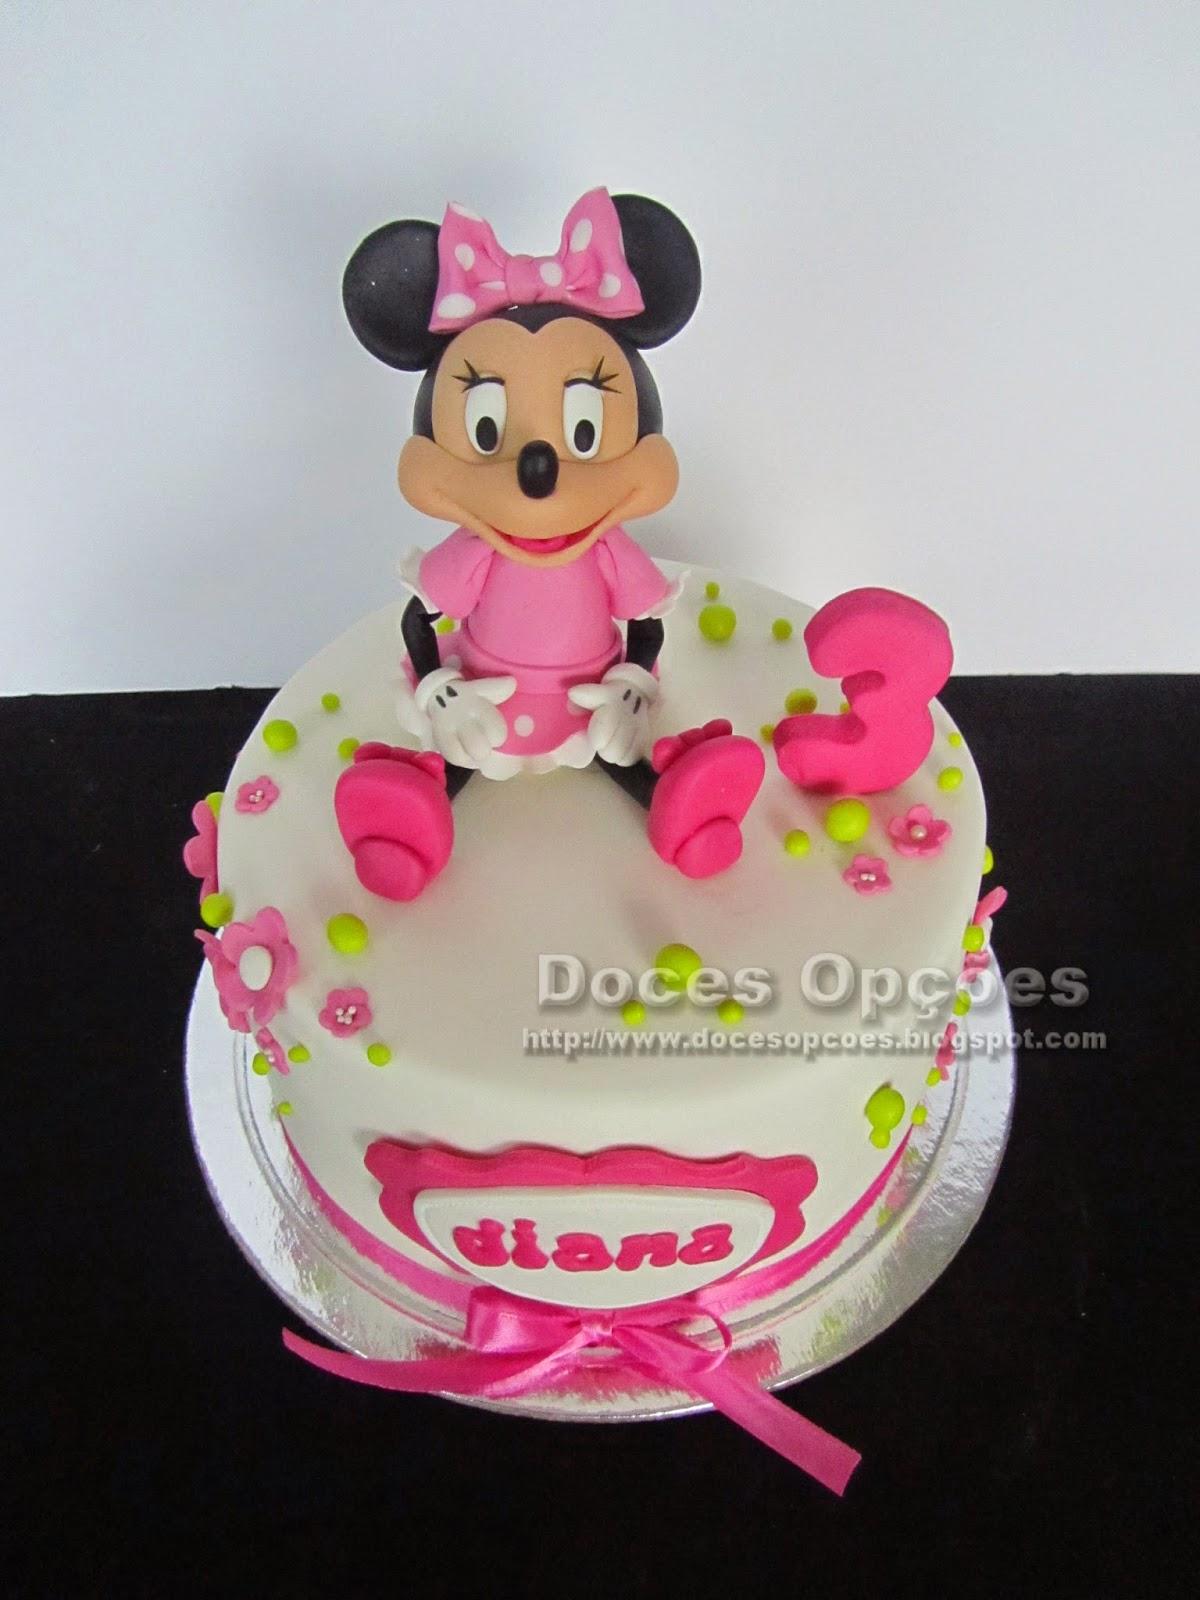 Bolo de aniversário com a Minnie disney bragança